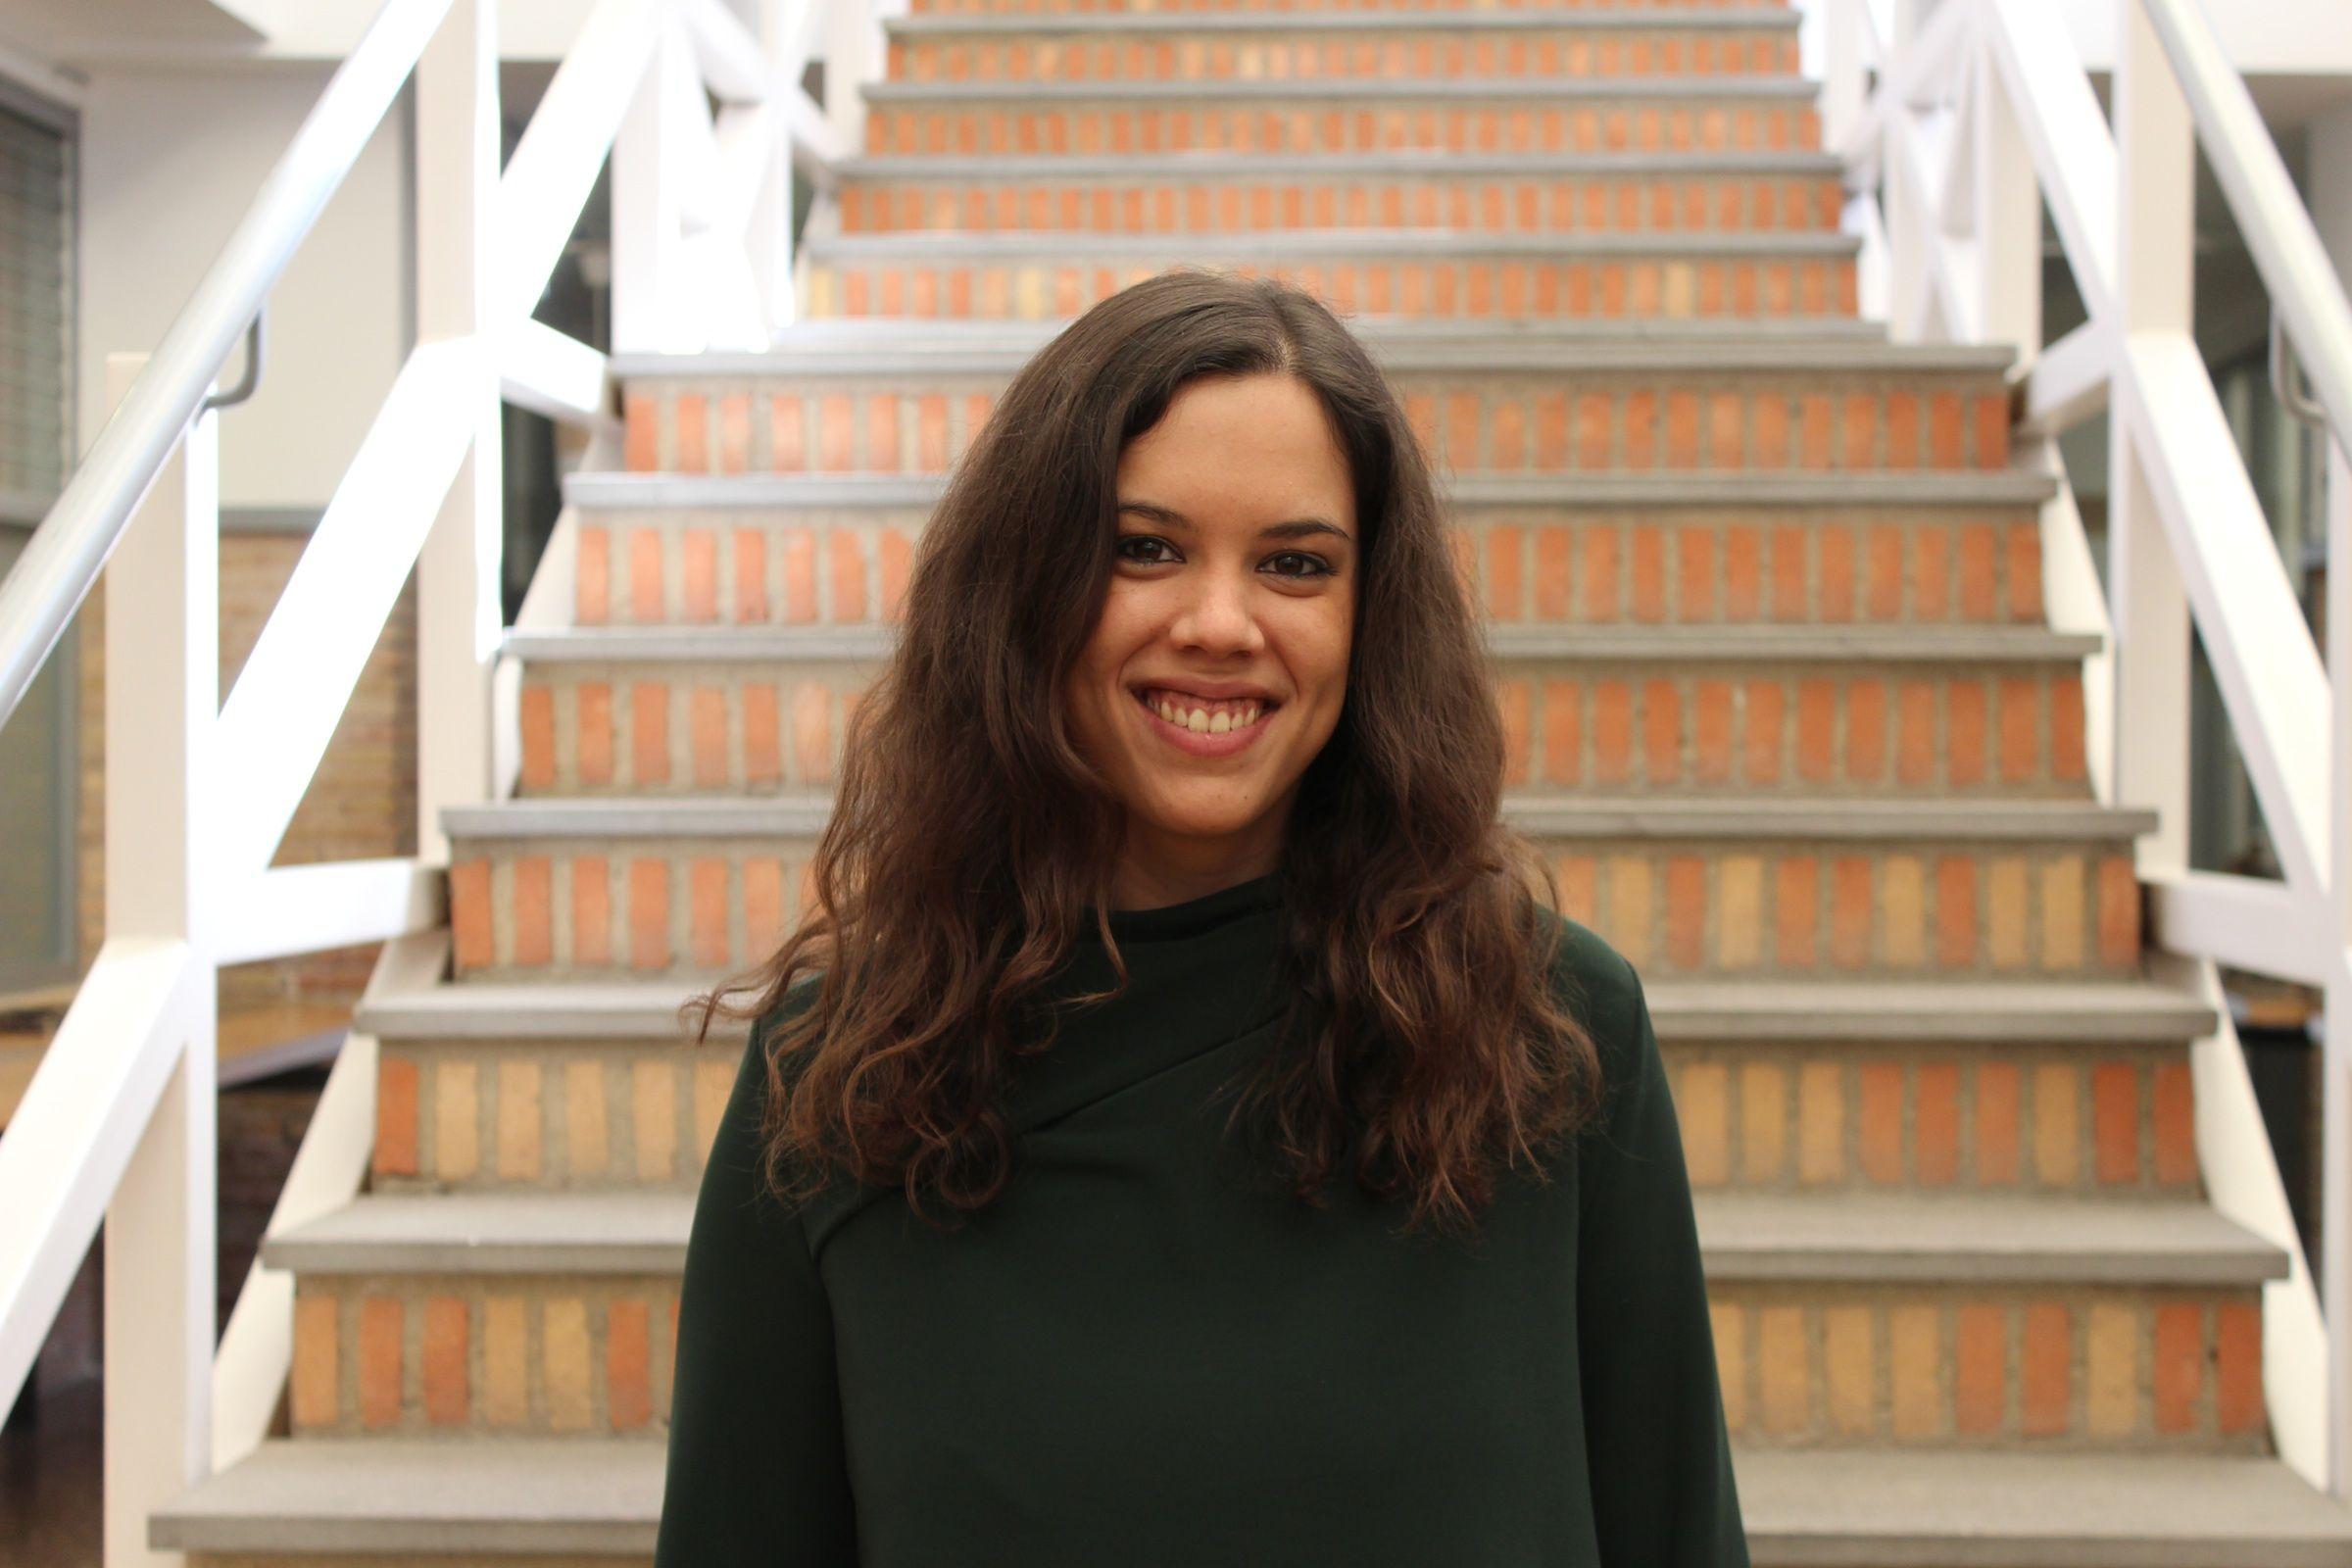 Amelia Perea, formada en Arquitectura en la CEU-UCH, trabaja actualmente en el prestigioso estudio Wiel Arets Architects, en Amsterdam.